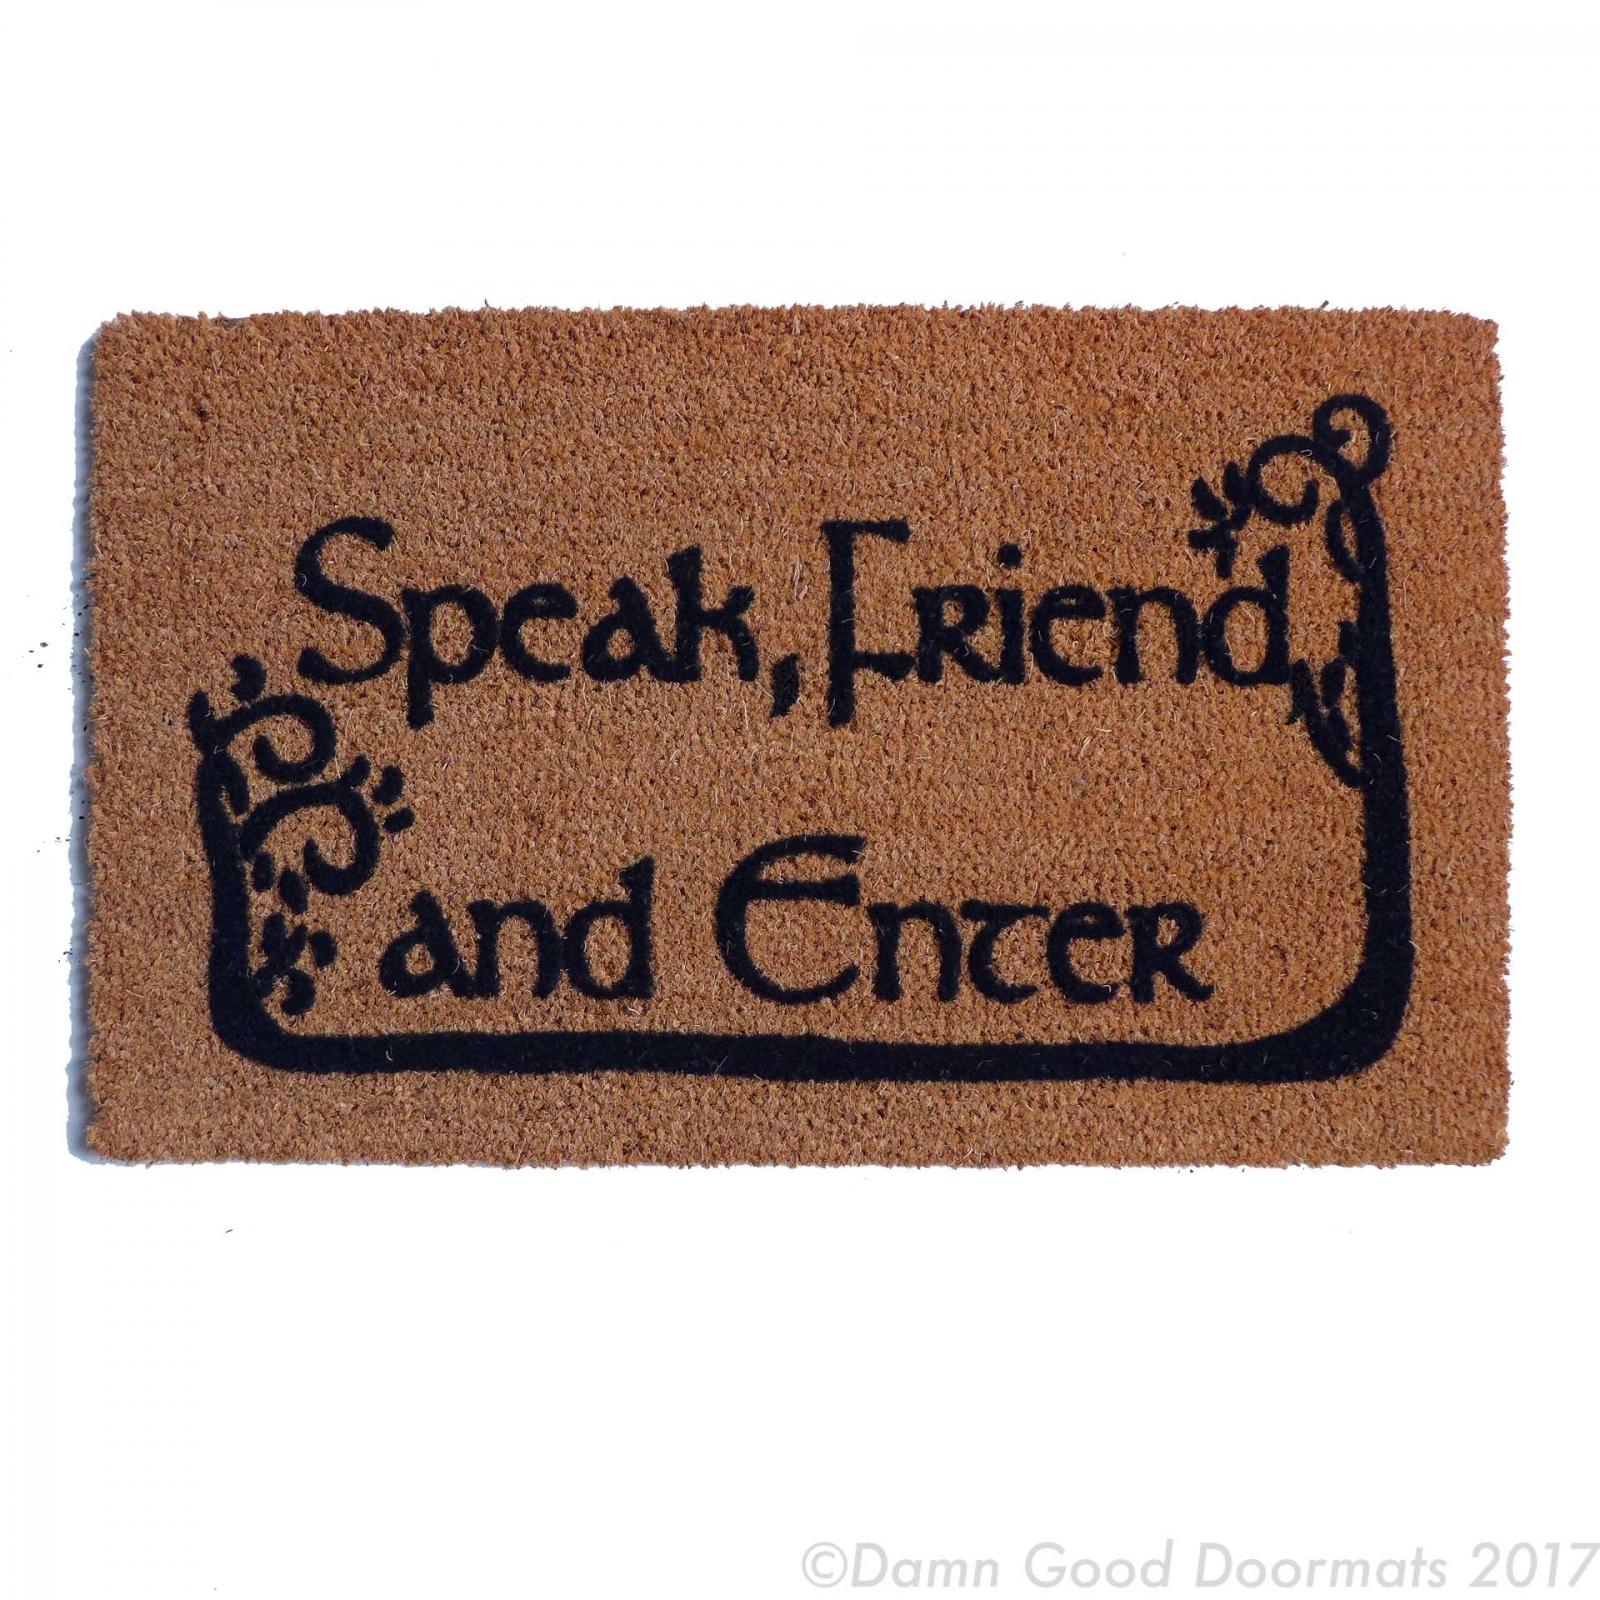 Tolkien Quot Speak Friend And Enter Quot Doormat With Trees